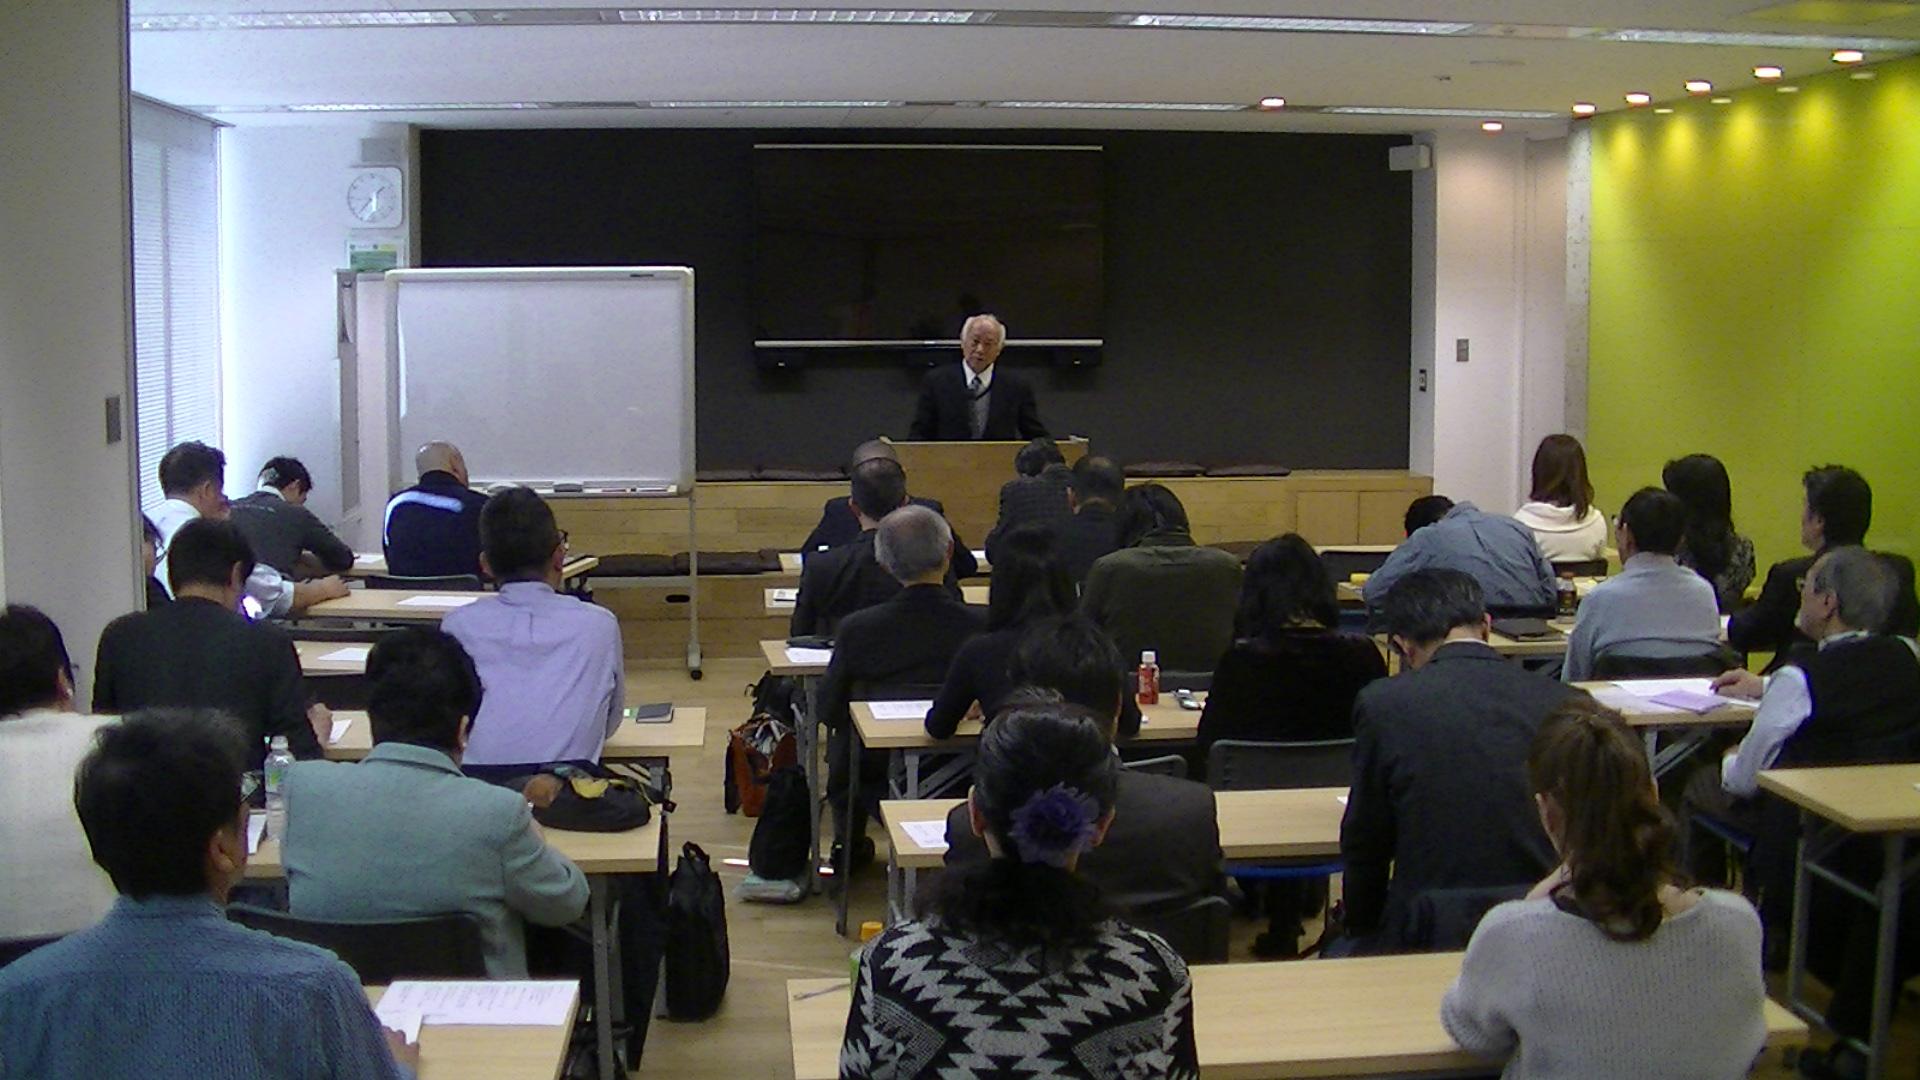 PIC 0697 1 - 平成30年度 東京思風塾 4月7日(土)「時代が問題をつくり、問題が人物をつくる」